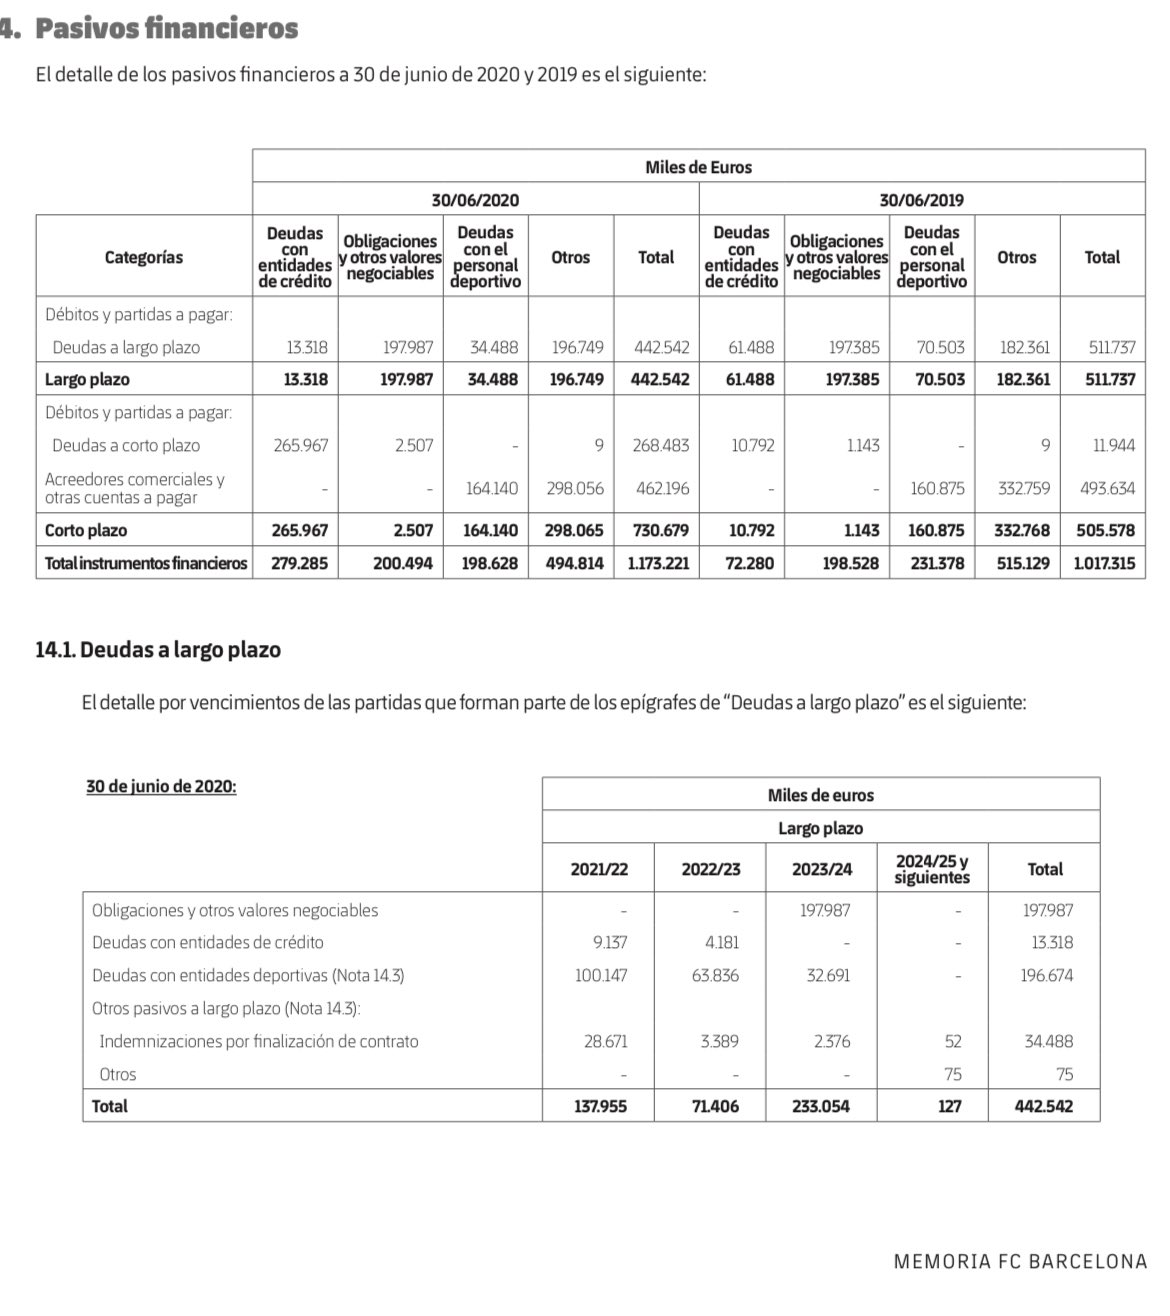 巴萨年度备忘录:俱乐部债款总计11.7亿,短期债款7.3亿